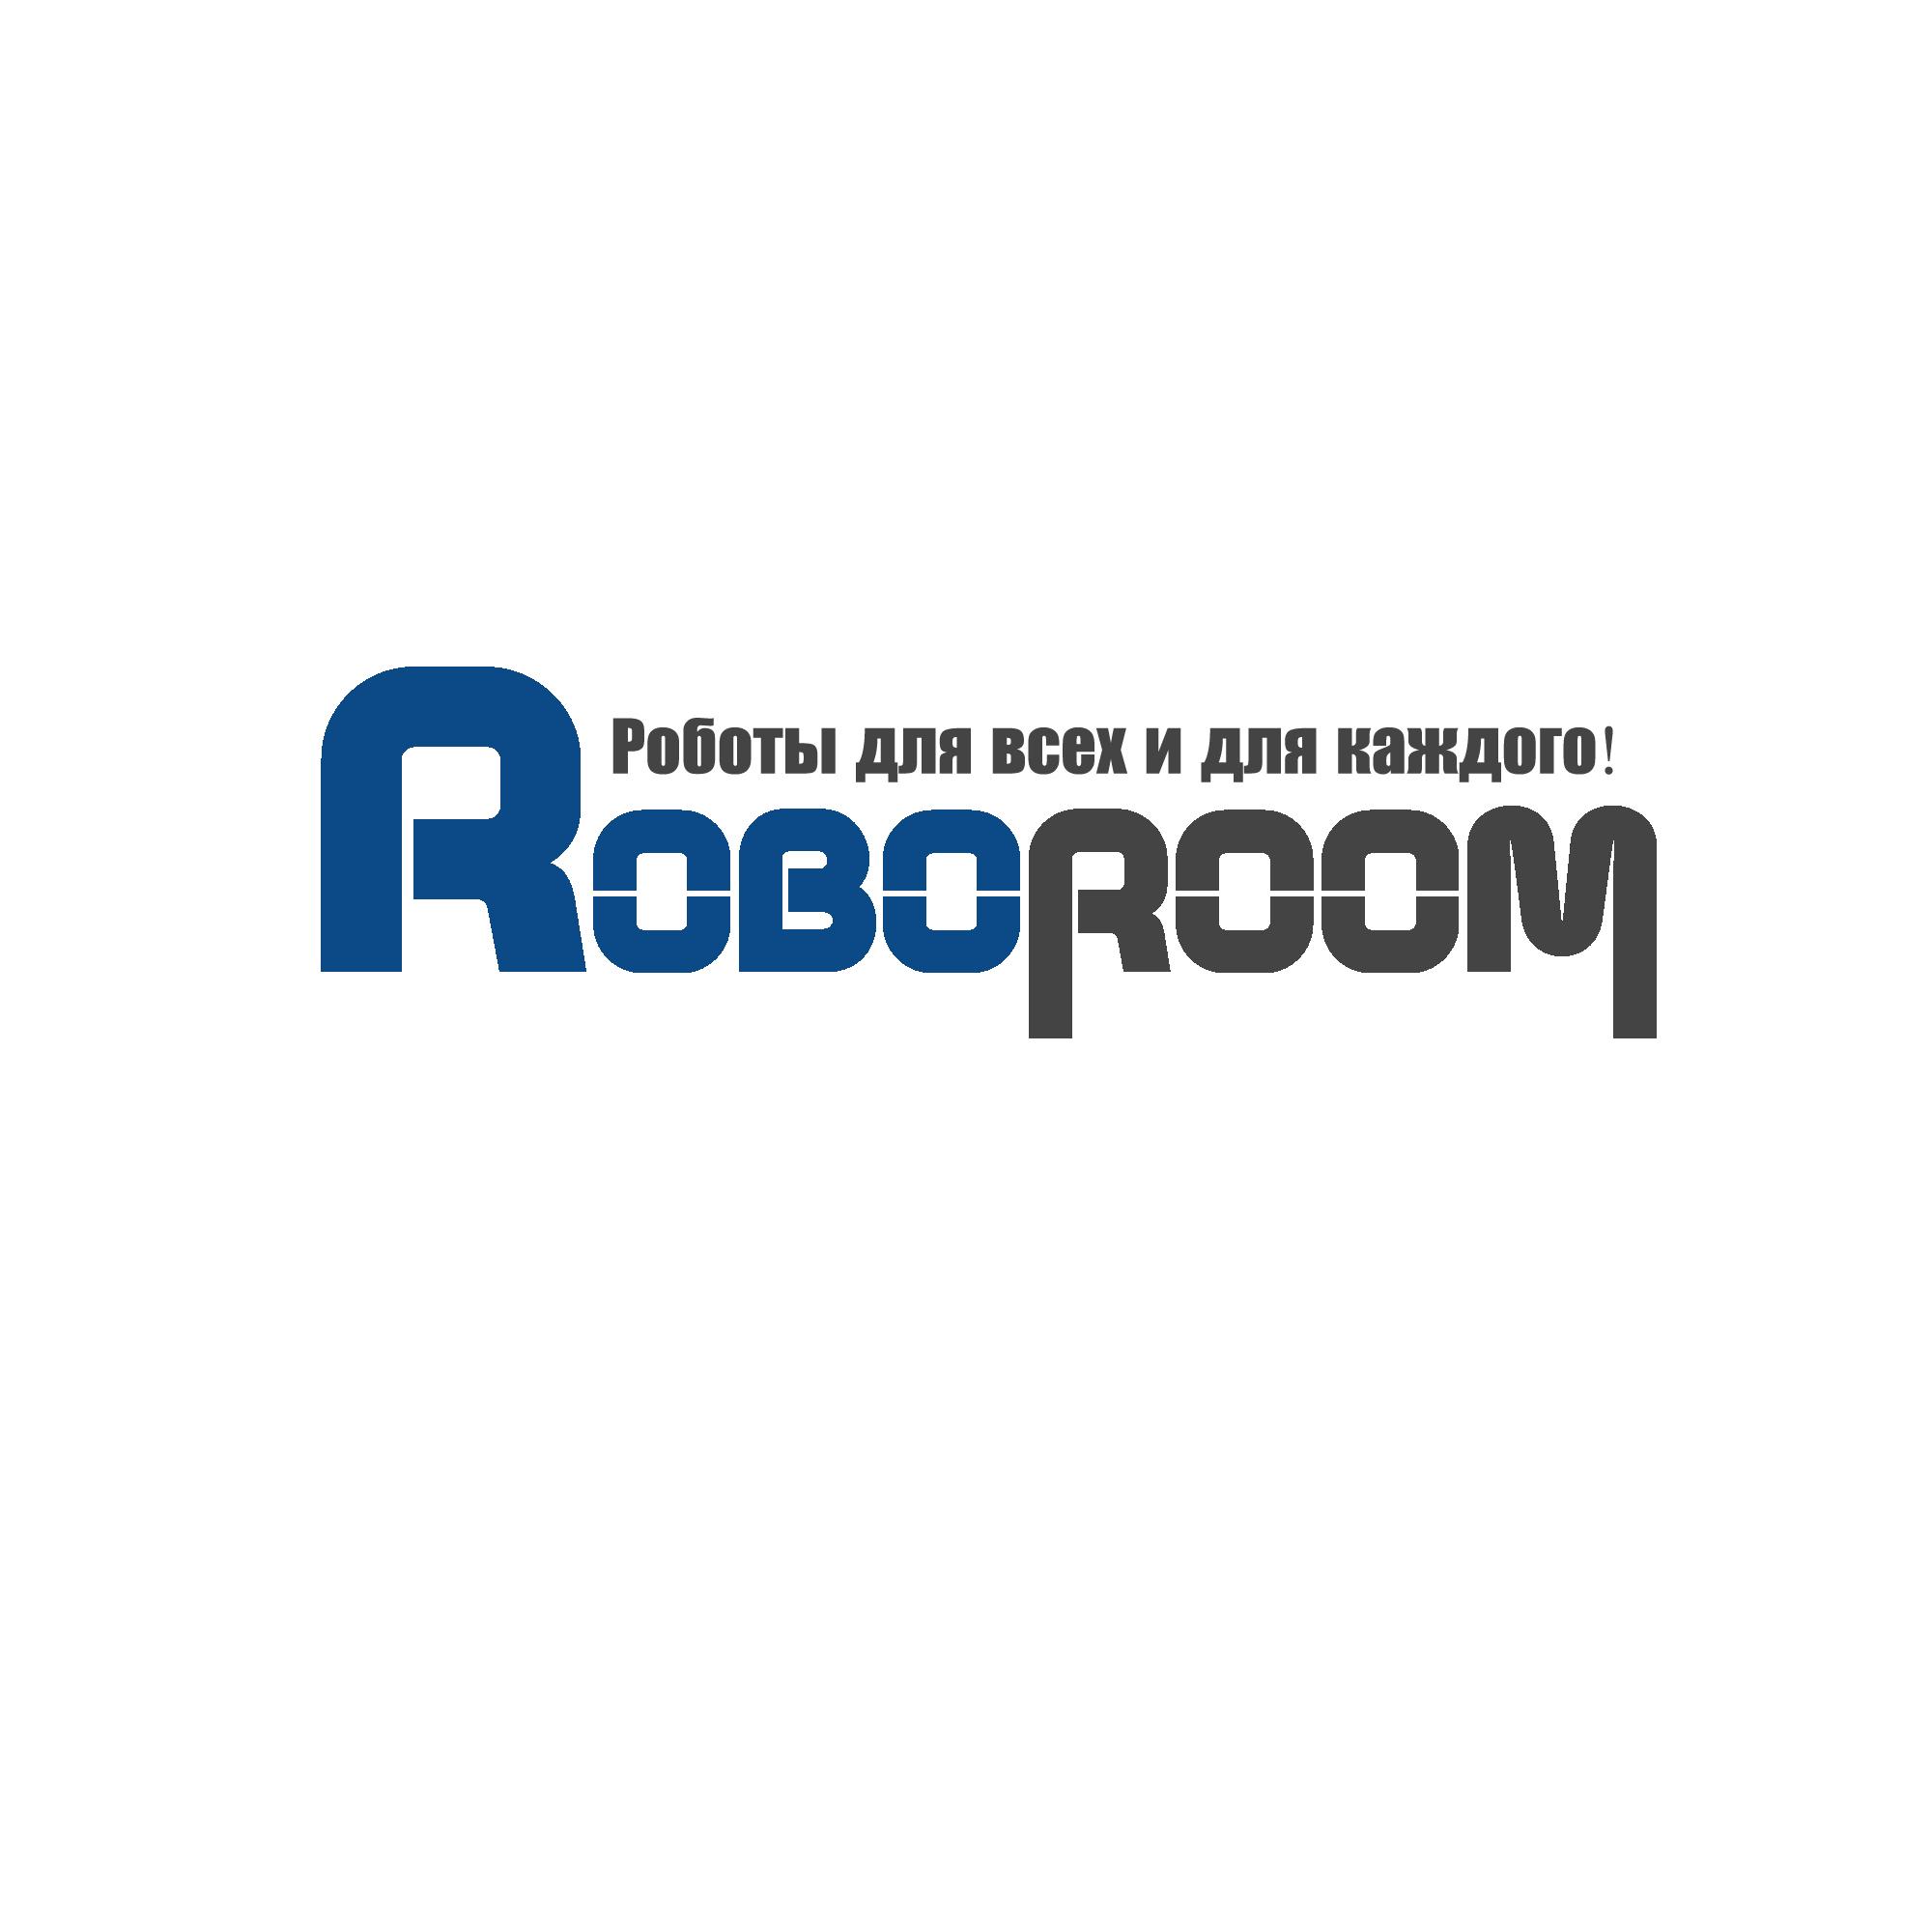 RoboRoom